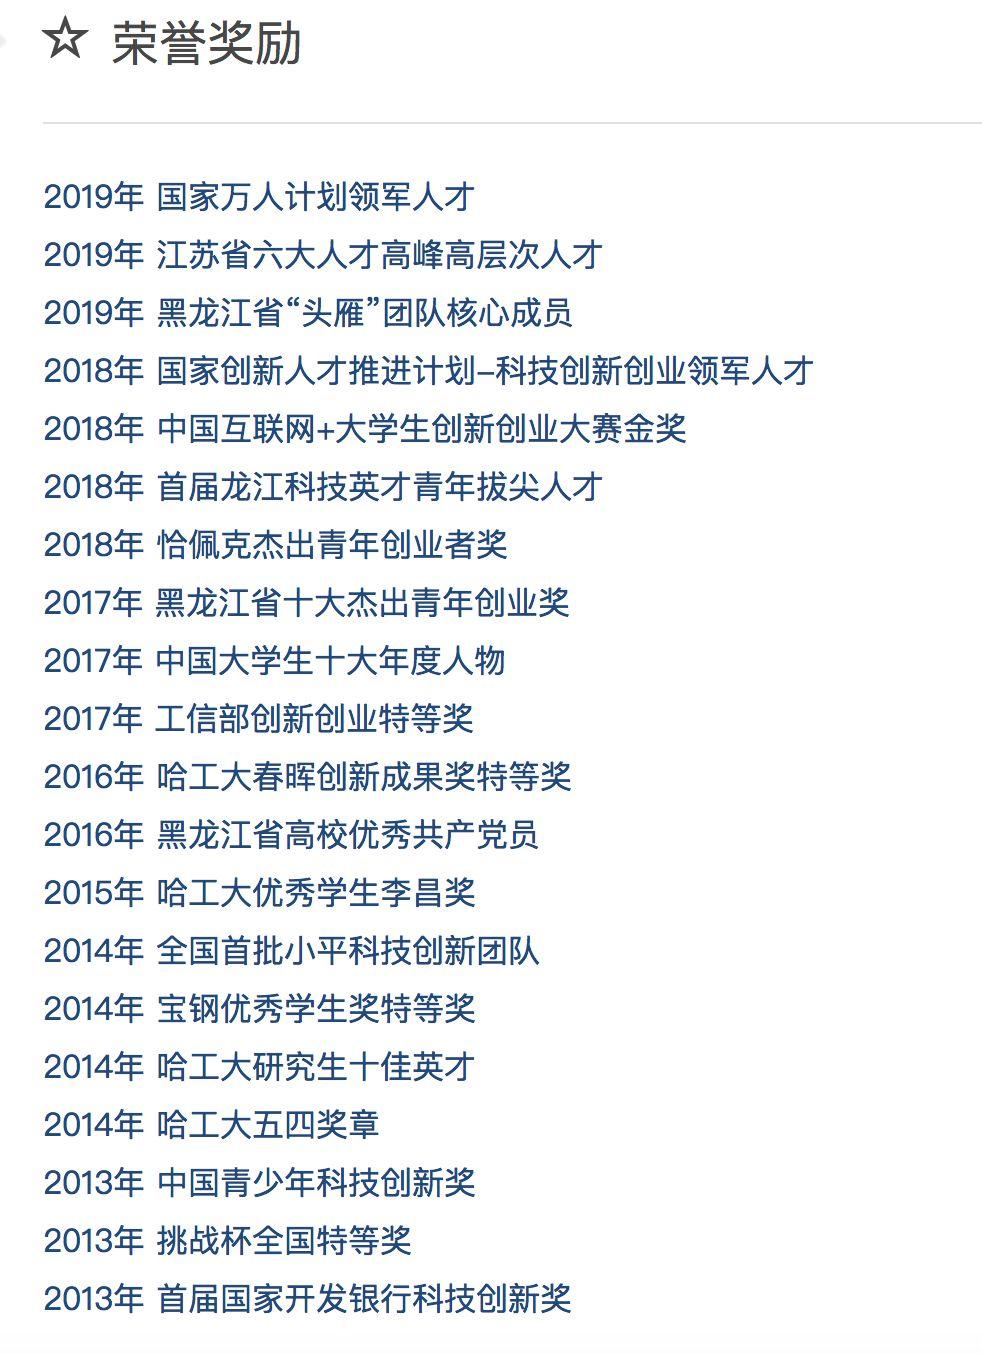 """大发888ag·123股年报预增100% 周期股""""暴利时代""""面临终结"""